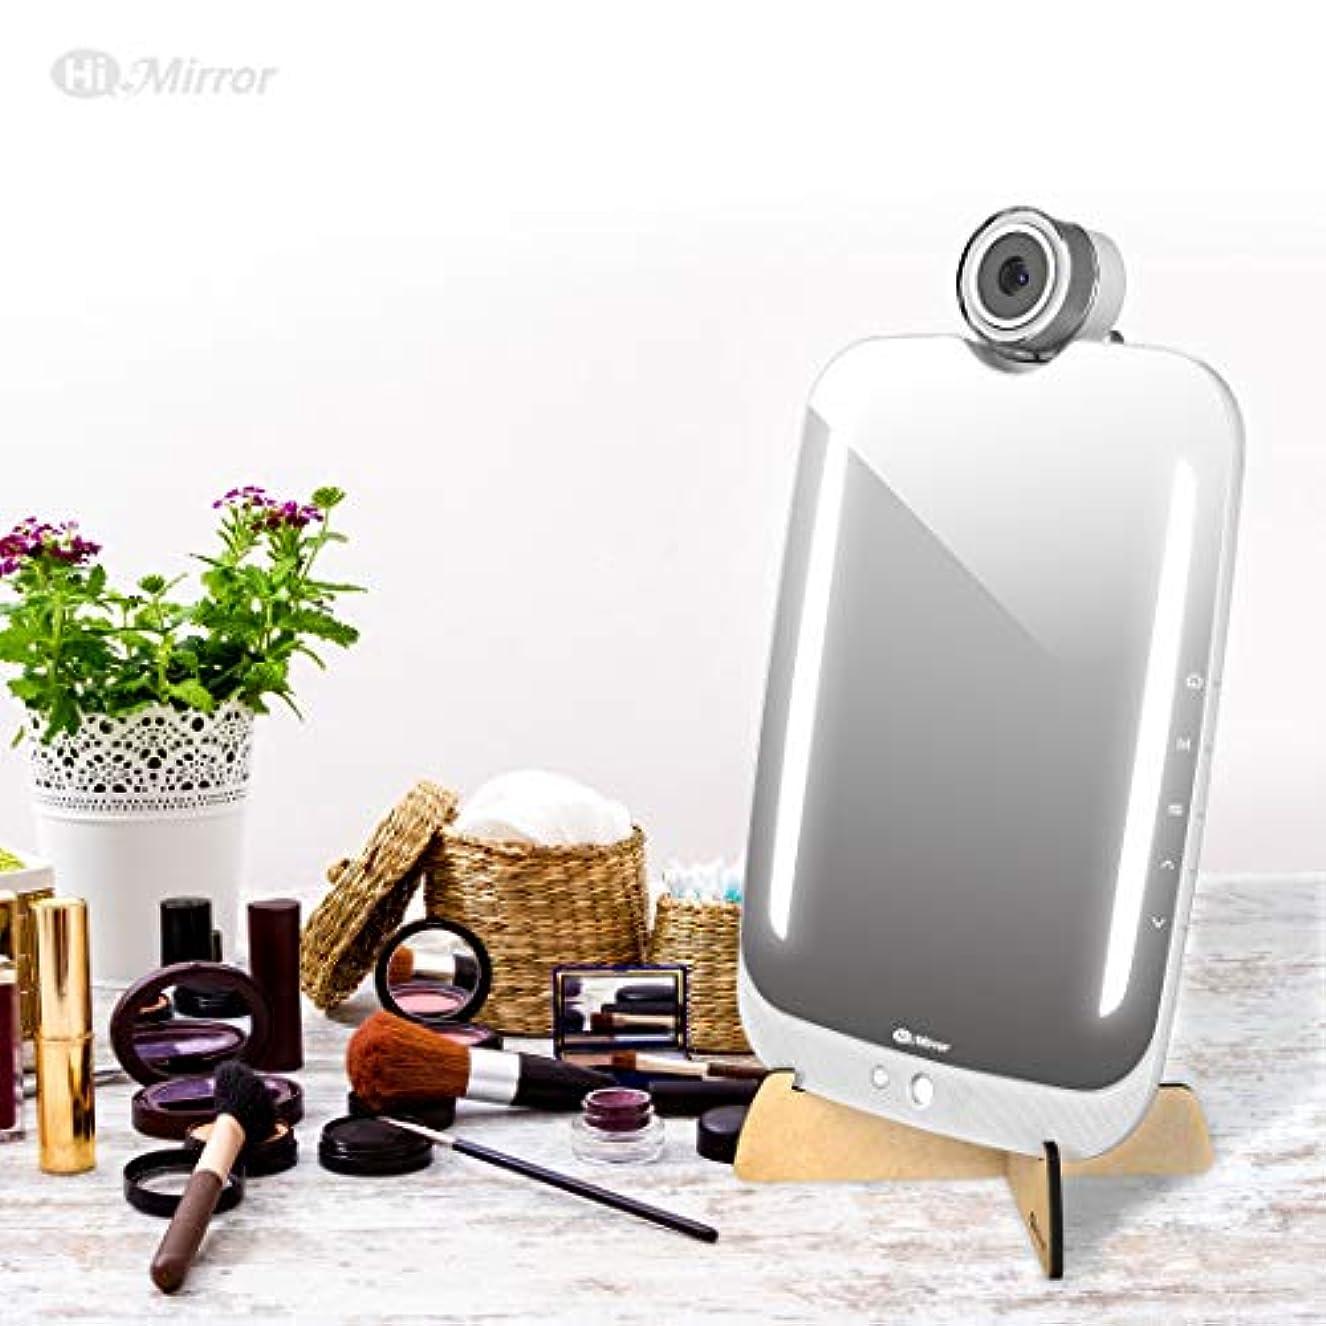 序文スカルク思いつくHiMirrorプラス-デバイス型ビューティミラー、メイクアップシミュレーションAR新機能搭載、高精度カメラ機能とアプリケーションによる肌分析 BM618RC00AB